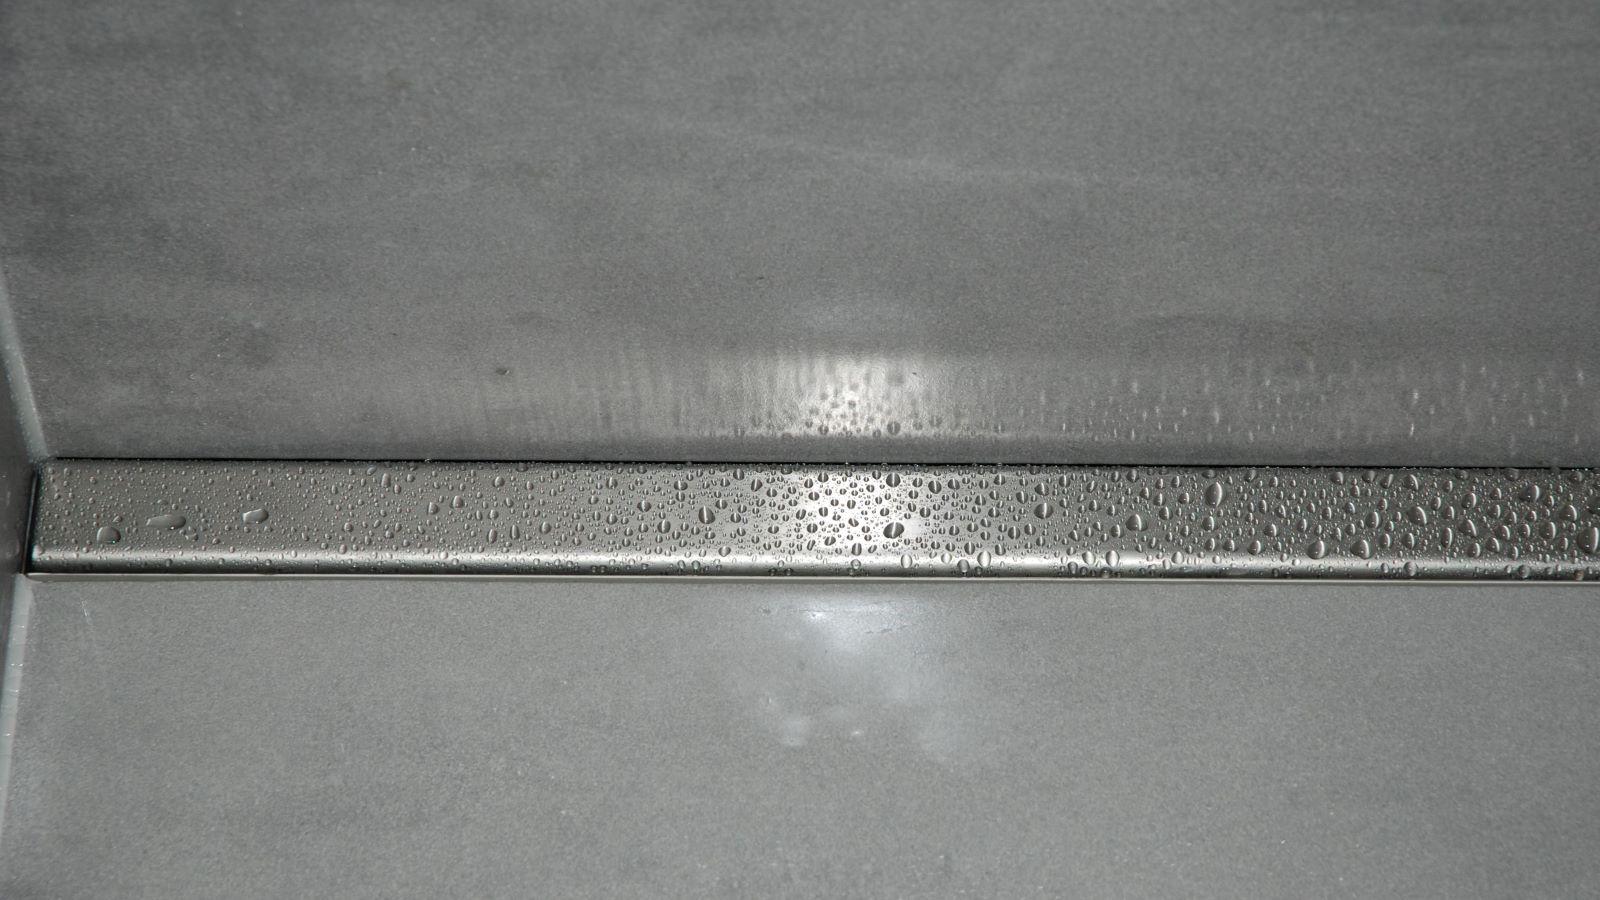 Abgebildet ist die wandbuendig montierte v4a edelstahl-duschrinne pro. Die sichere abdichtung durch den breiten klebeflansch machen die hochwerige duschrinne pro xxl fuer reihenduschen besonders attraktiv. Cm-genau massgefertigt bis 600 cm laenge laesst sie sich einfach von wand zu wand abschliessend einbauen. Die sehr hohe ablaufleistung, einfache montage und sichere abdichtung machen die duschrinne pro xxl zur ersten wahl fuer reihenduschen. Einfache pflege und hygienische reinigung ohne werkzeug und ohne haarsieb ergaenzen die vorteile, die die duschrinne pro auch  fuer sanitaerbereiche mit extra langen duschrinnen bietet.